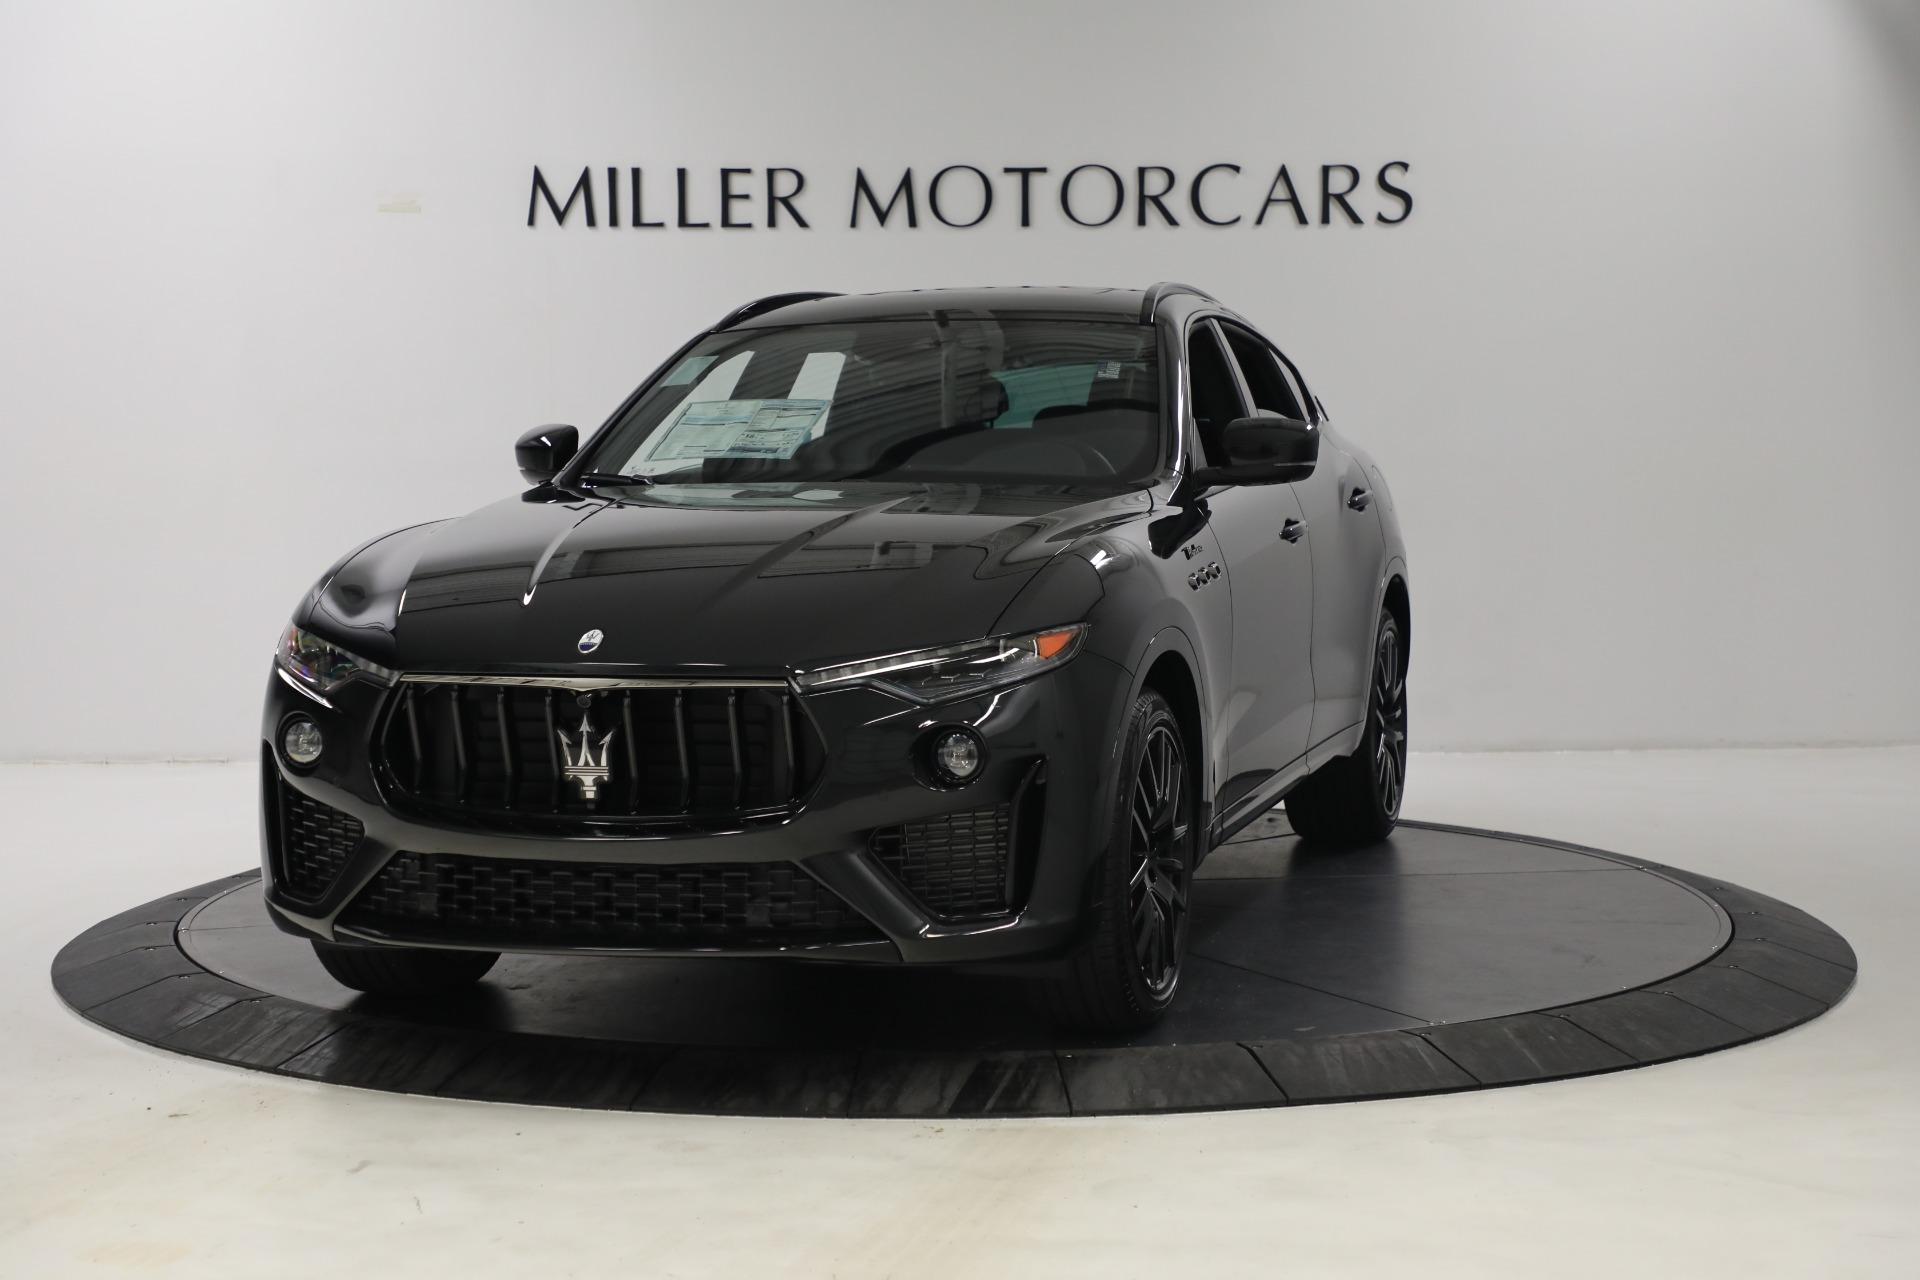 New 2022 Maserati Levante Modena for sale $108,775 at Pagani of Greenwich in Greenwich CT 06830 1